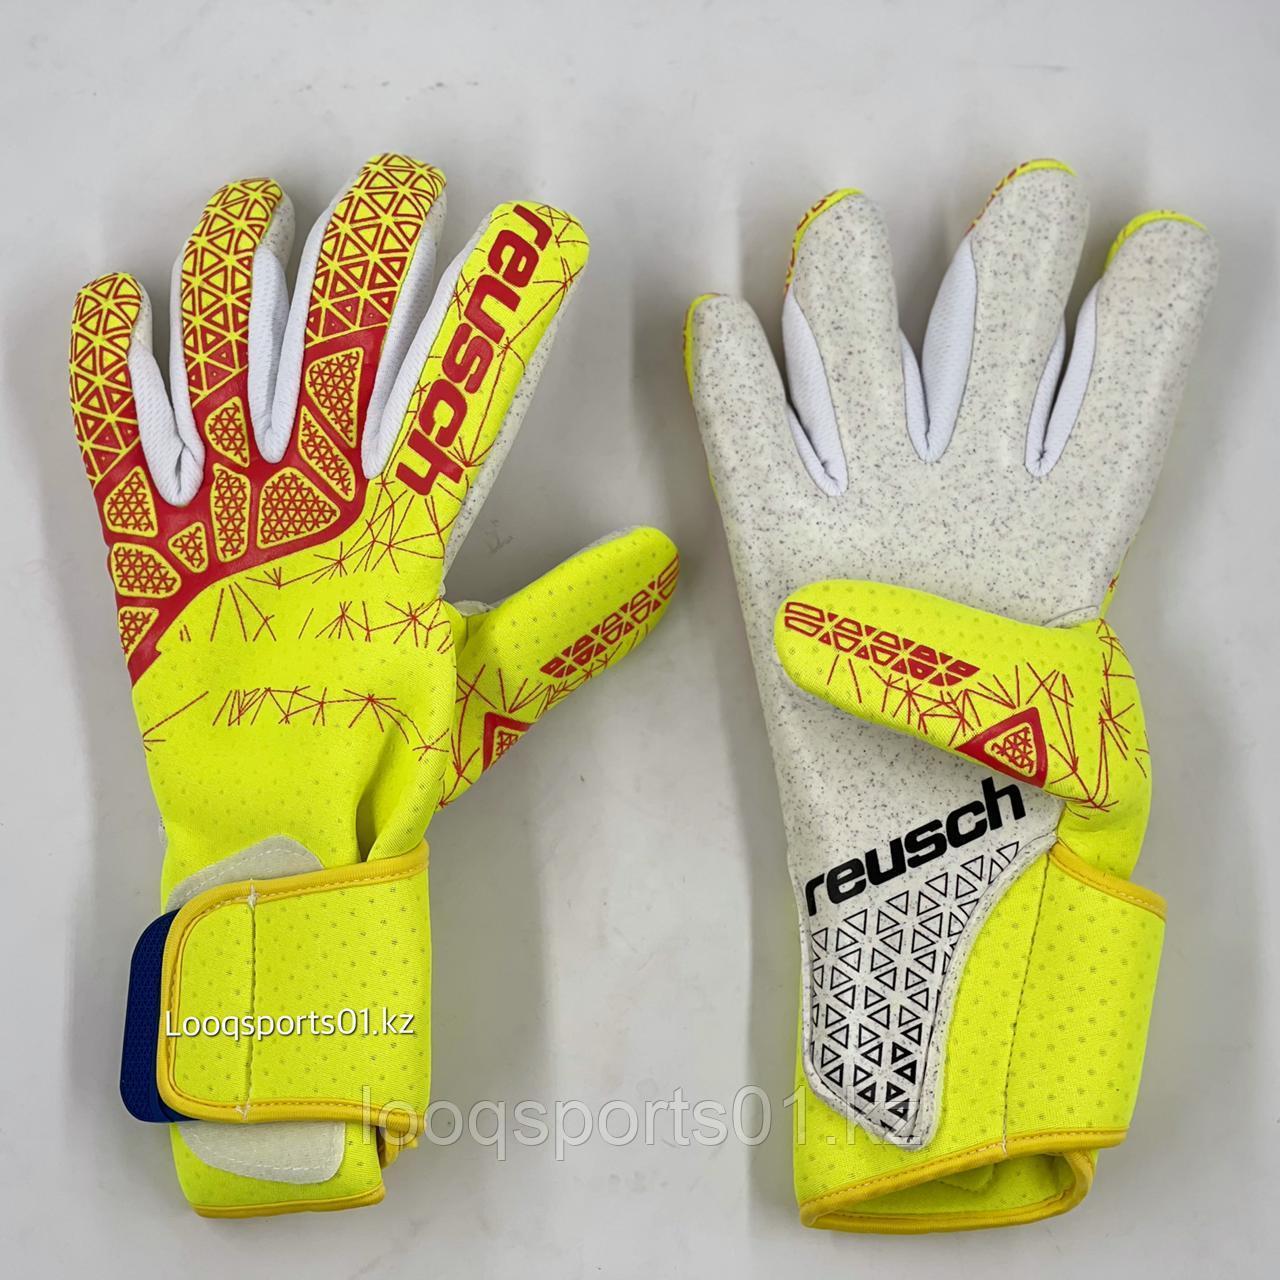 Футбольные перчатки вратарские вратаря Reusch (9)